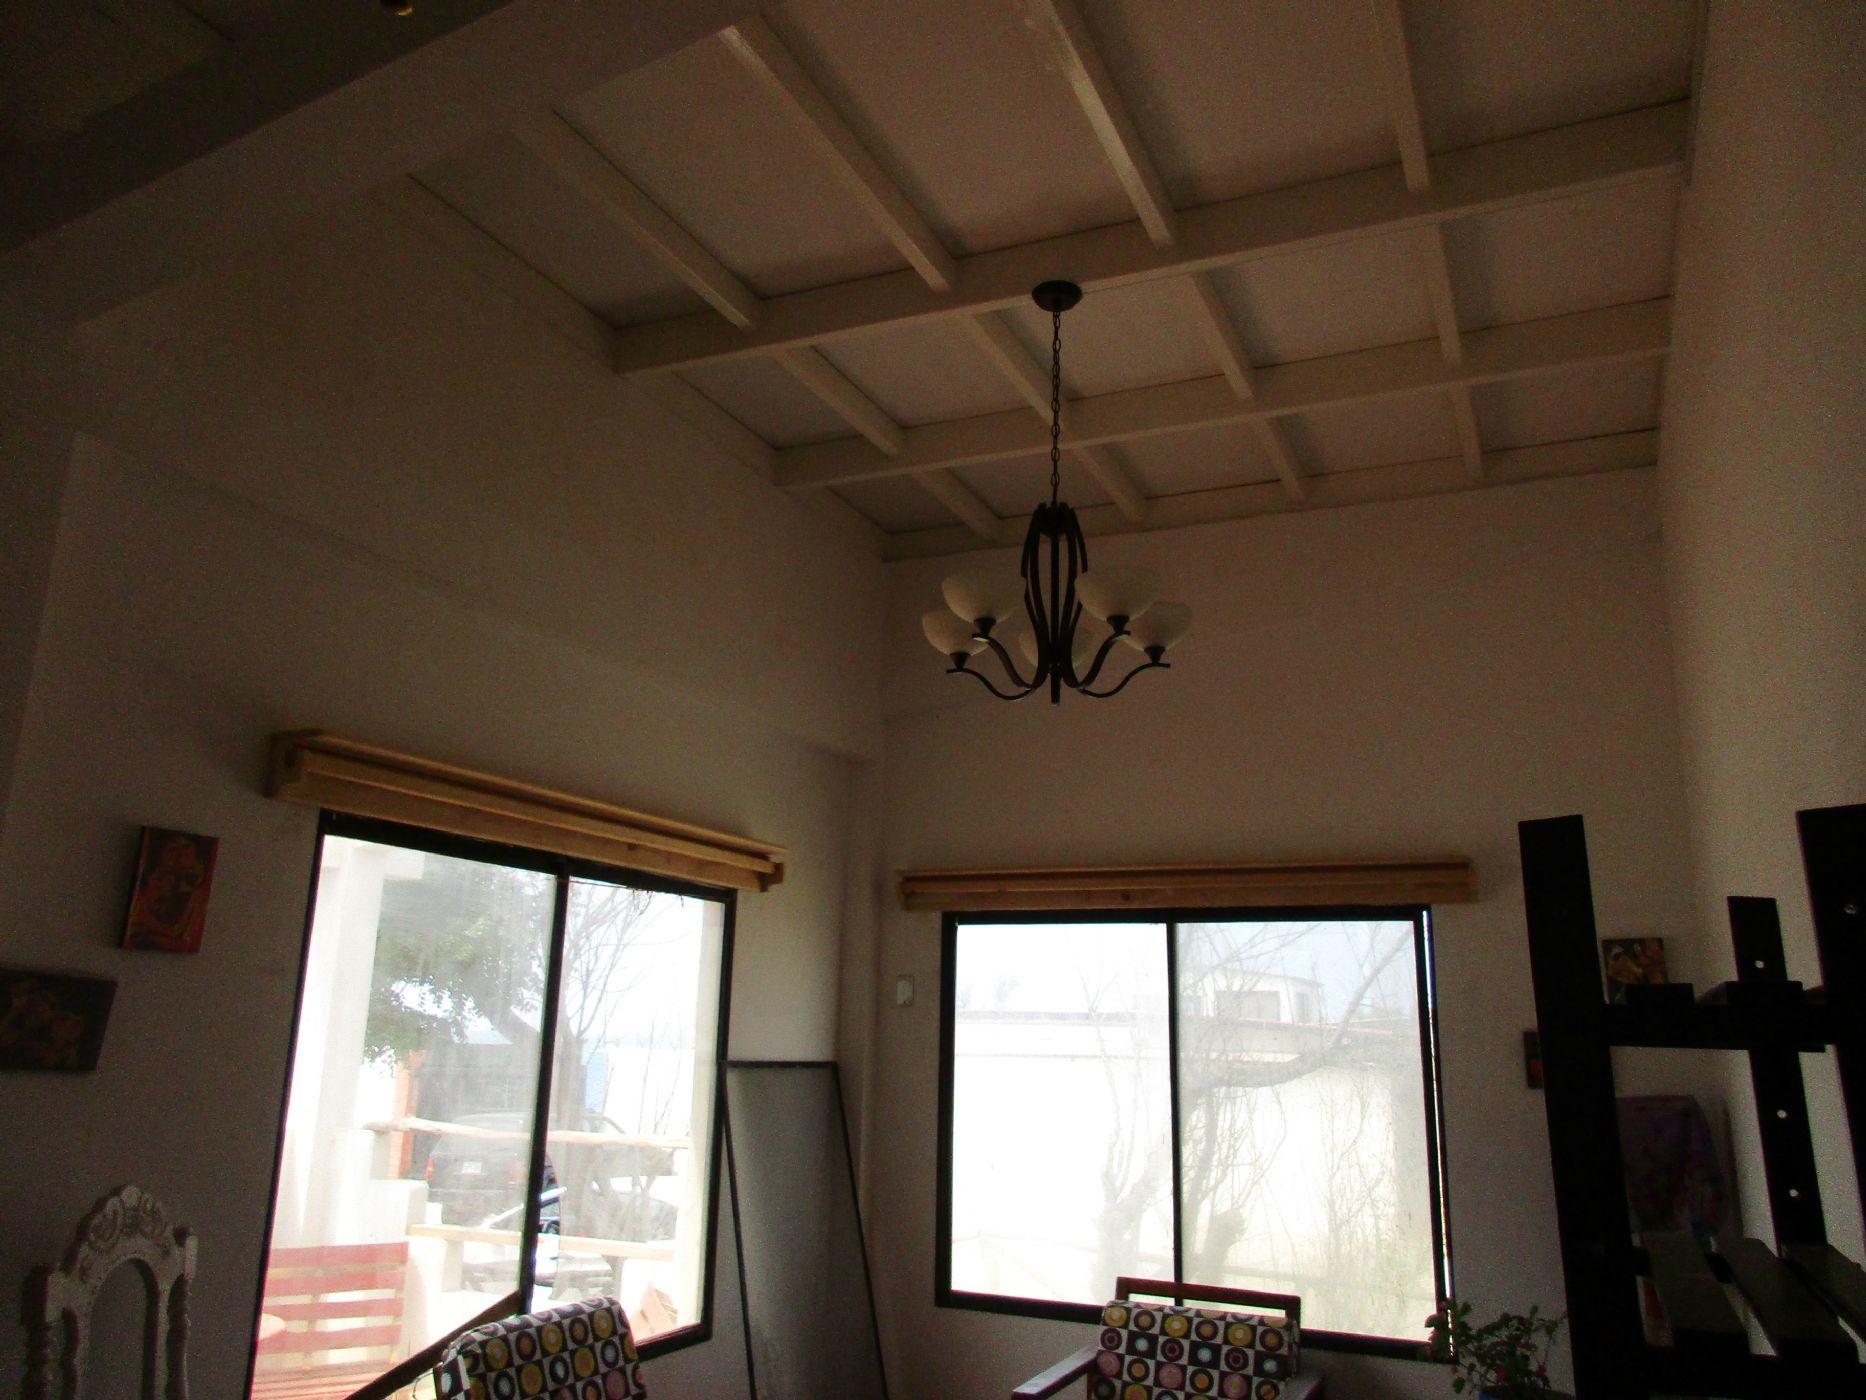 Anconcito-Ecuador-property-490819-10.JPG